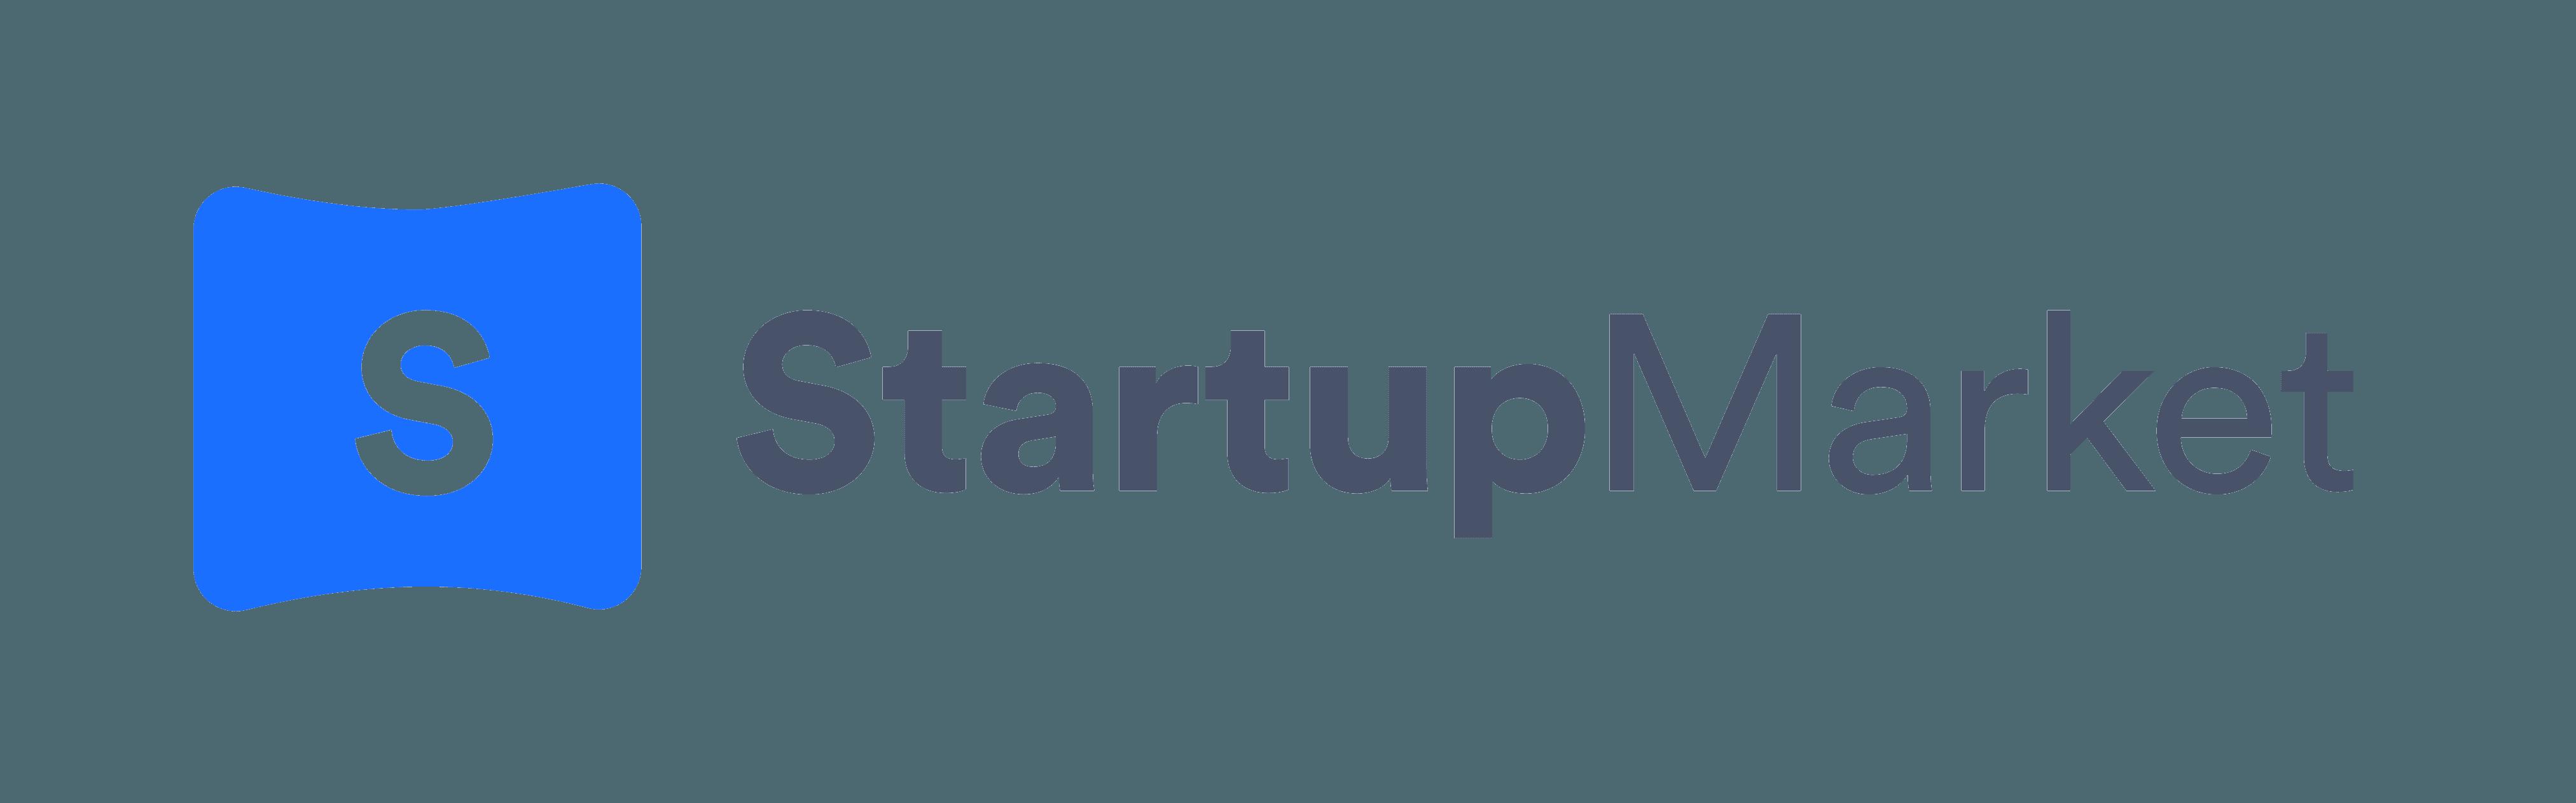 StartupMarket.co